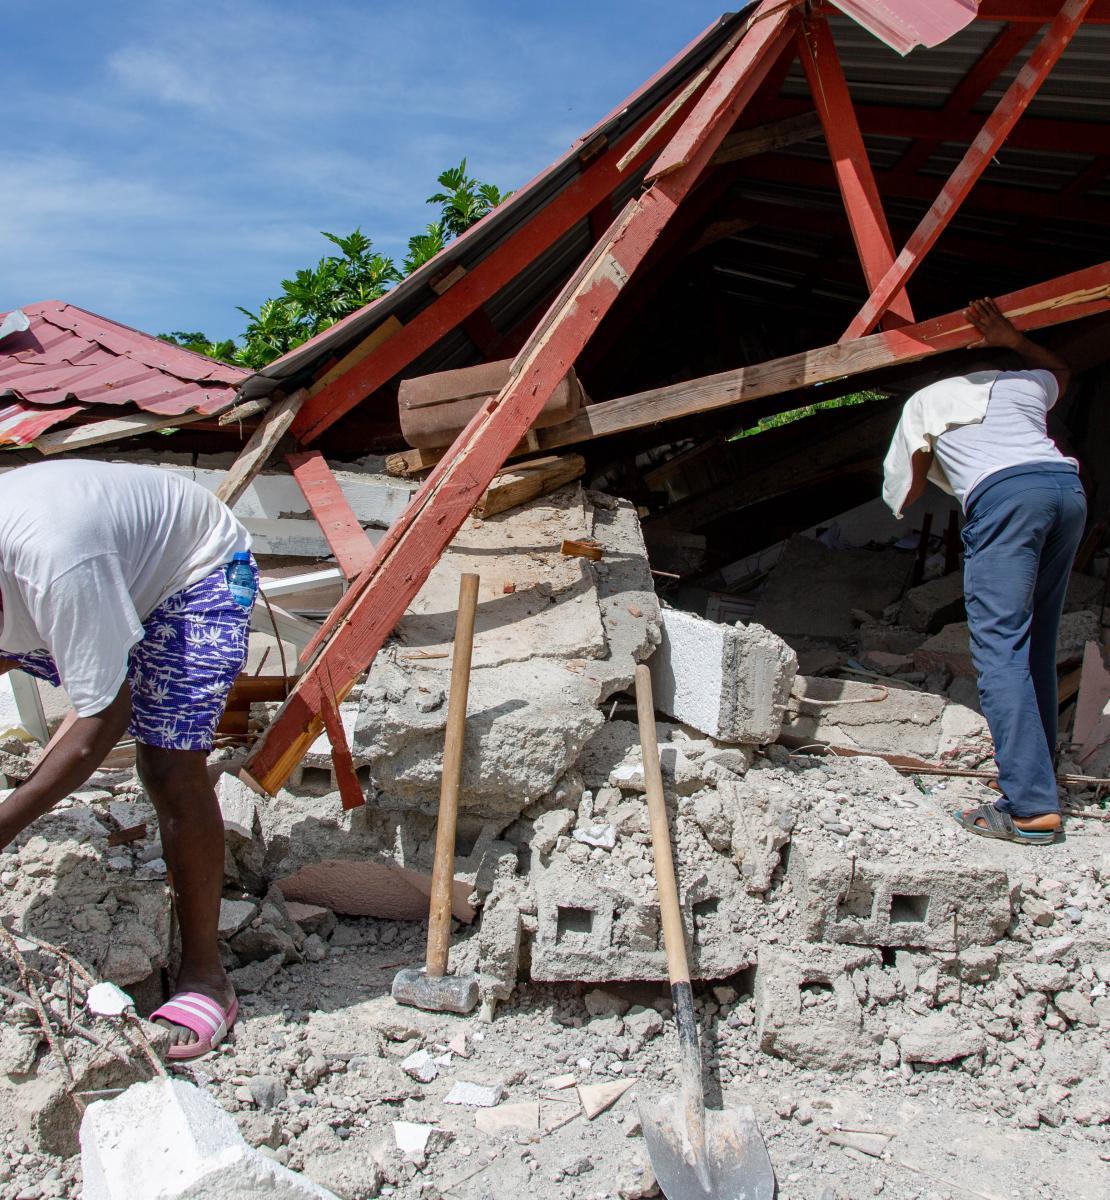 Deux hommes examinent les décombres d'un bâtiment détruit par le séisme de magnitude 7,2 qui a frappé Haïti le 24 août 2021.